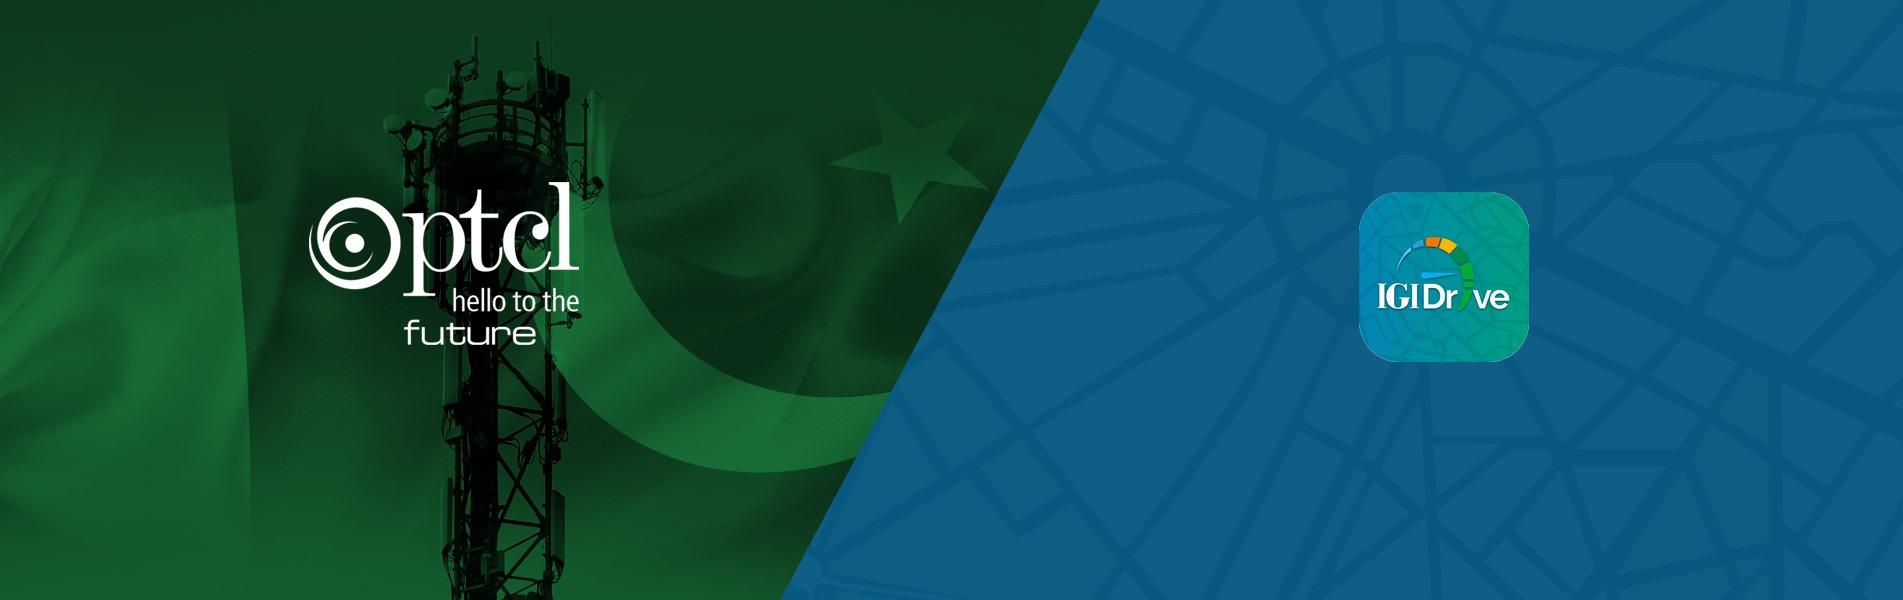 PTCL | IGI